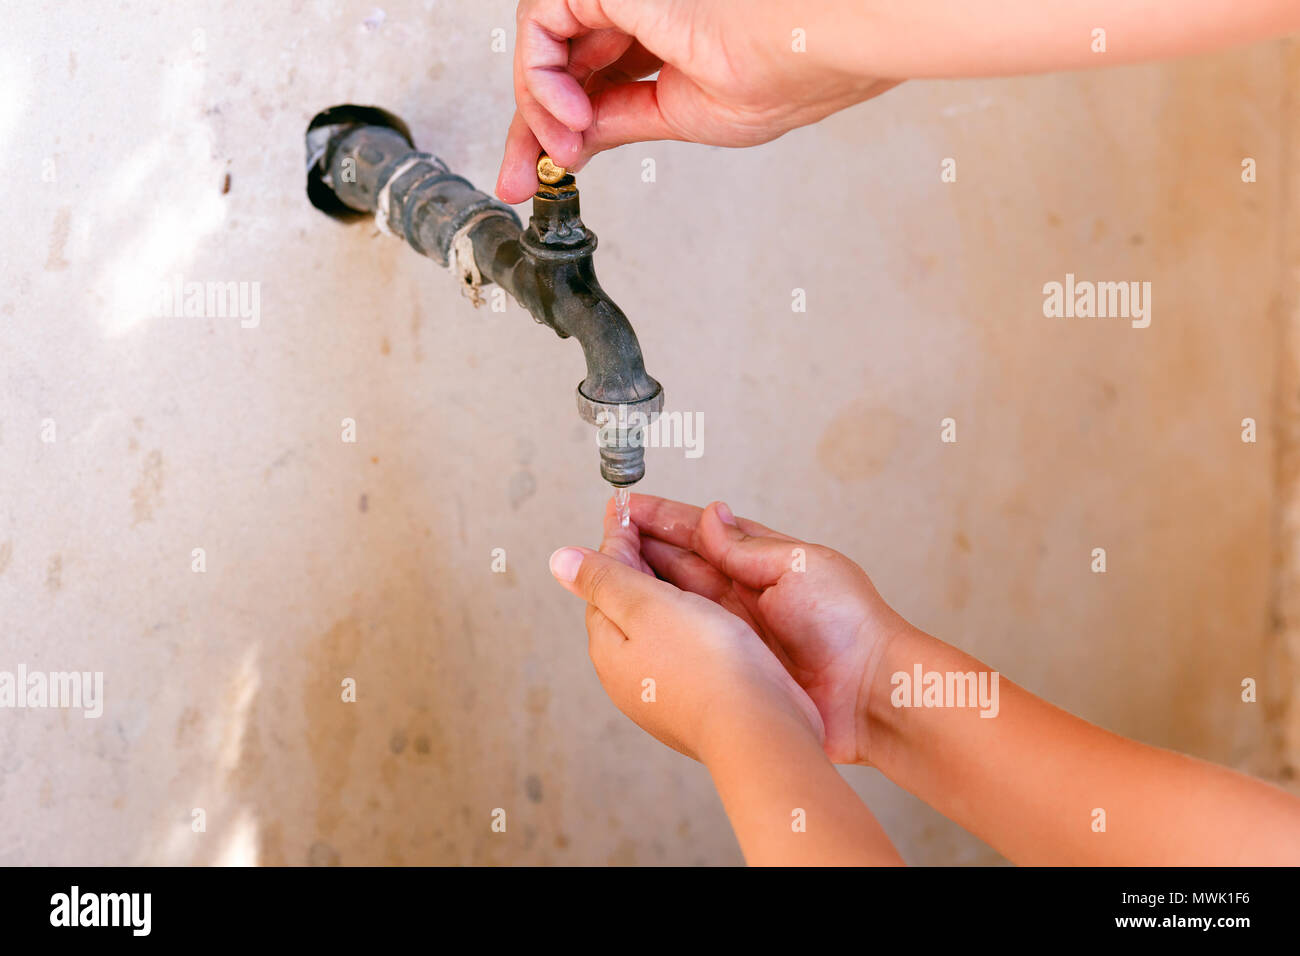 Frau Hand öffnen und Kind, seine Hände zu waschen. Close-up. Stockbild